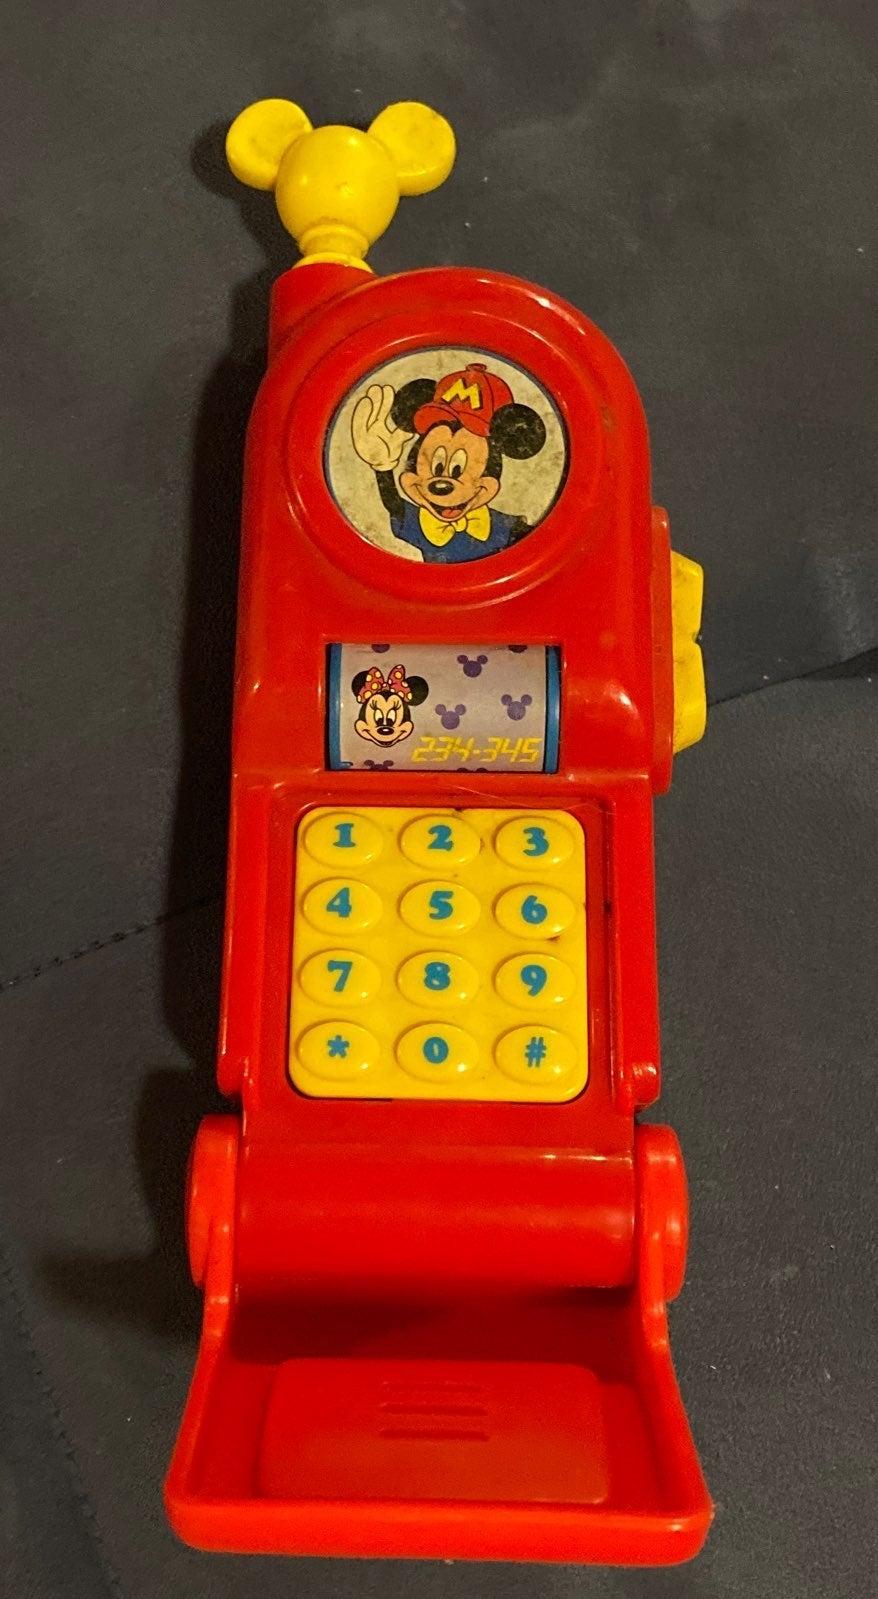 Disney Toy Phone